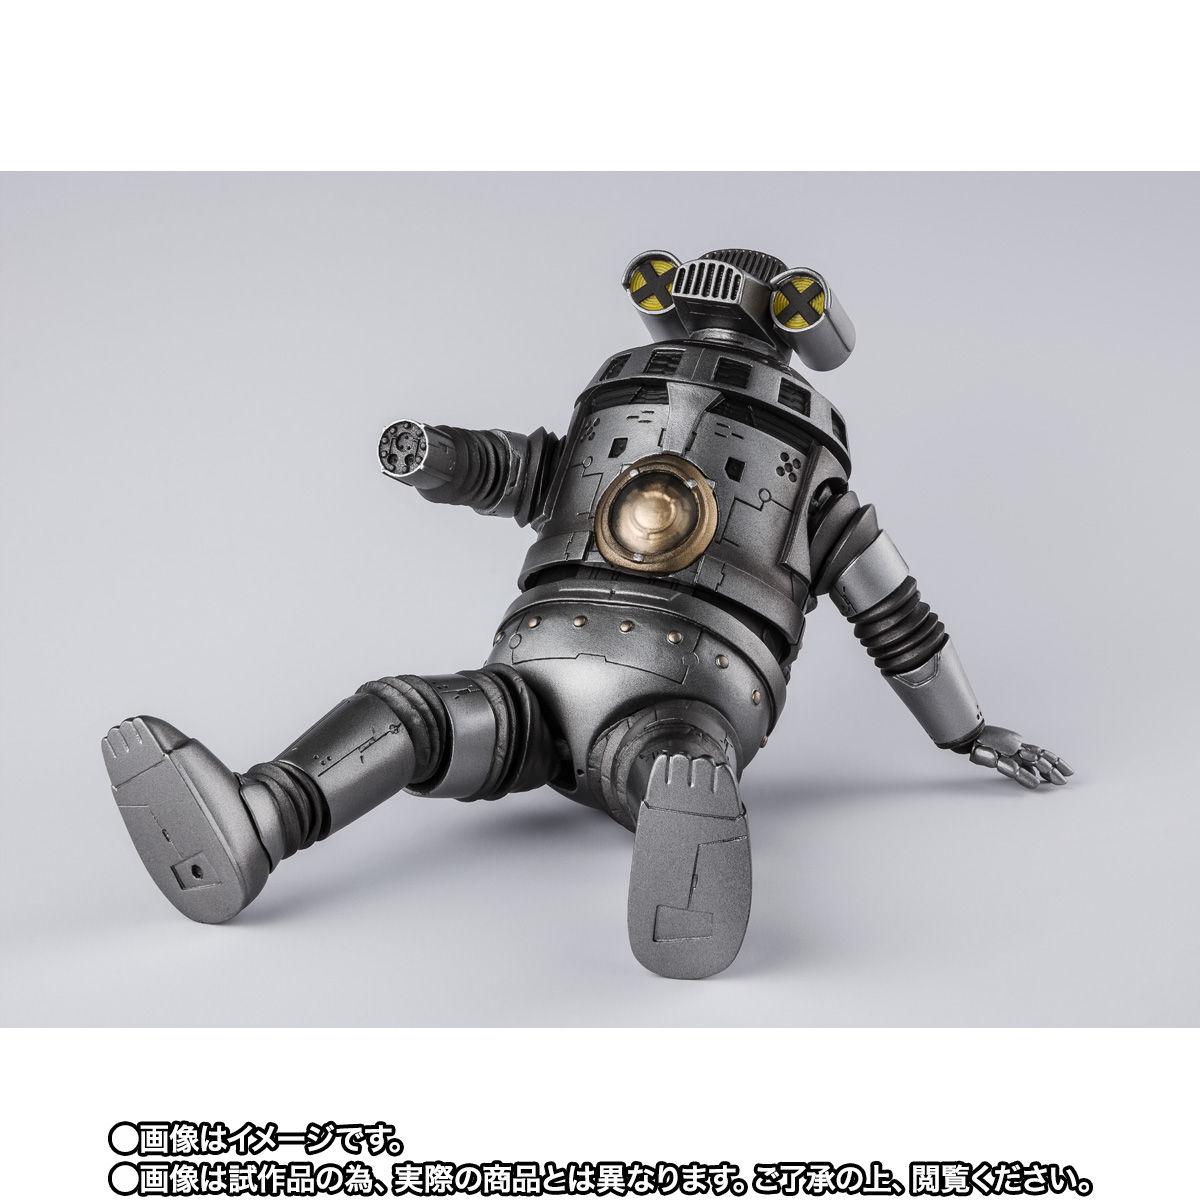 【限定販売】S.H.Figuarts『対怪獣特殊空挺機甲1号機 セブンガー』ウルトラマンZ 可動フィギュア-003